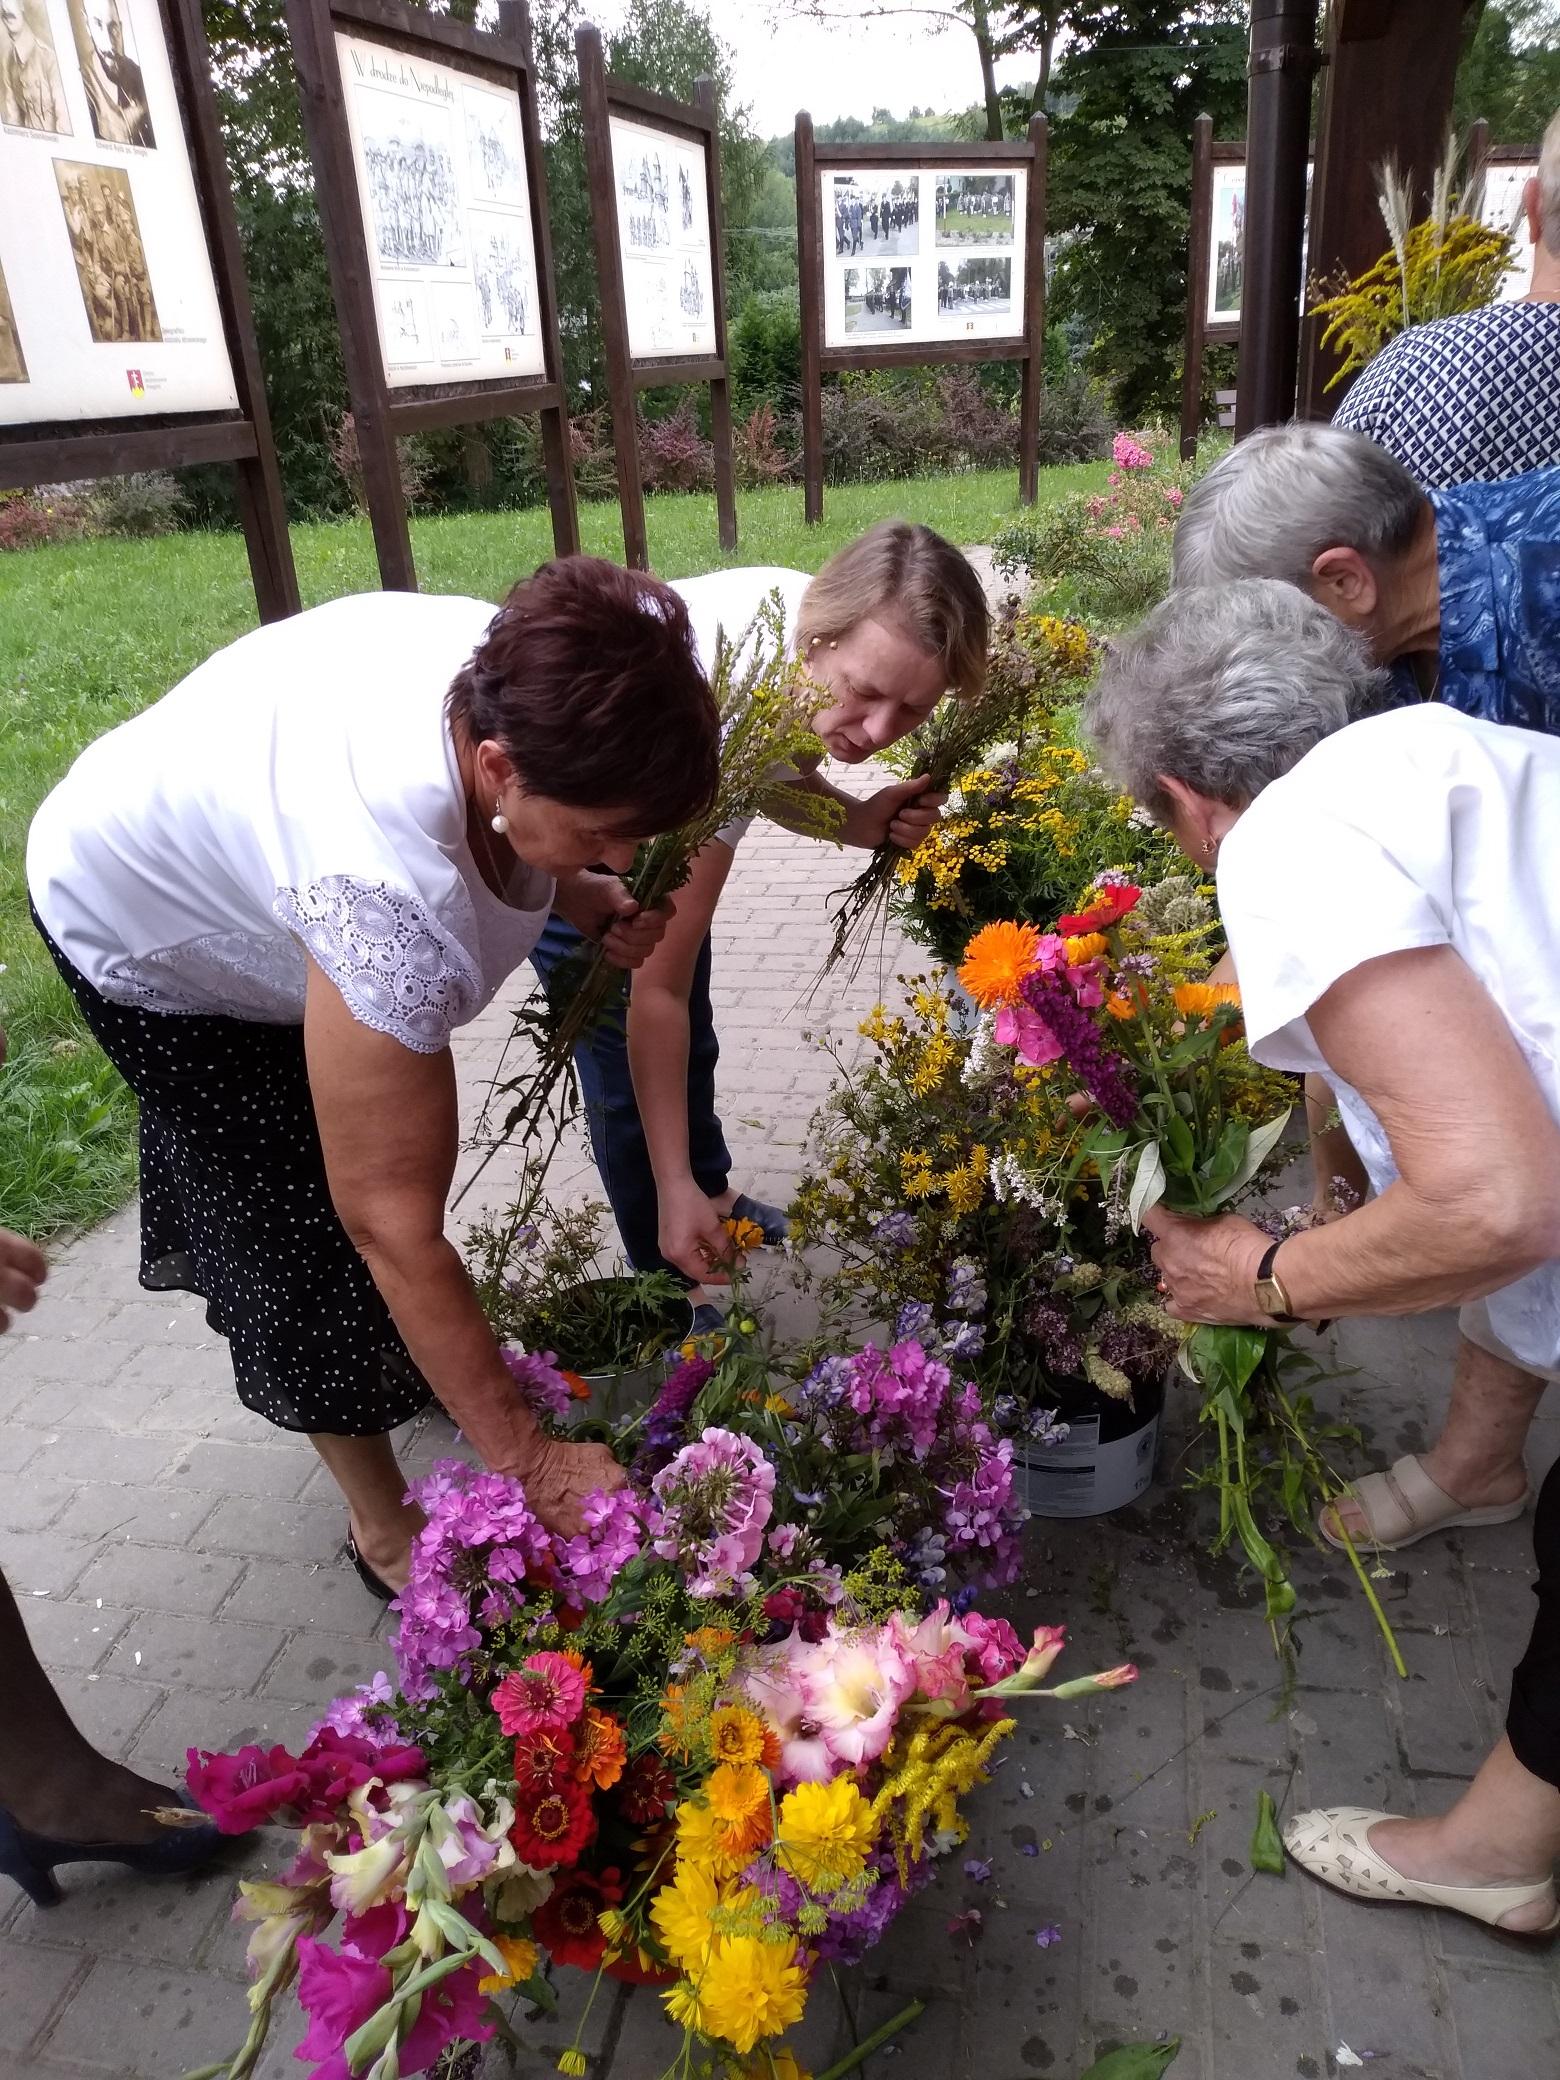 w kilku pojemnikach znajduje się wiele różnych kwiatów i ziół. Kilka kobiet wybiera poszczególne rośliny i dokłada je do bukietów trzymanych w dłoniach